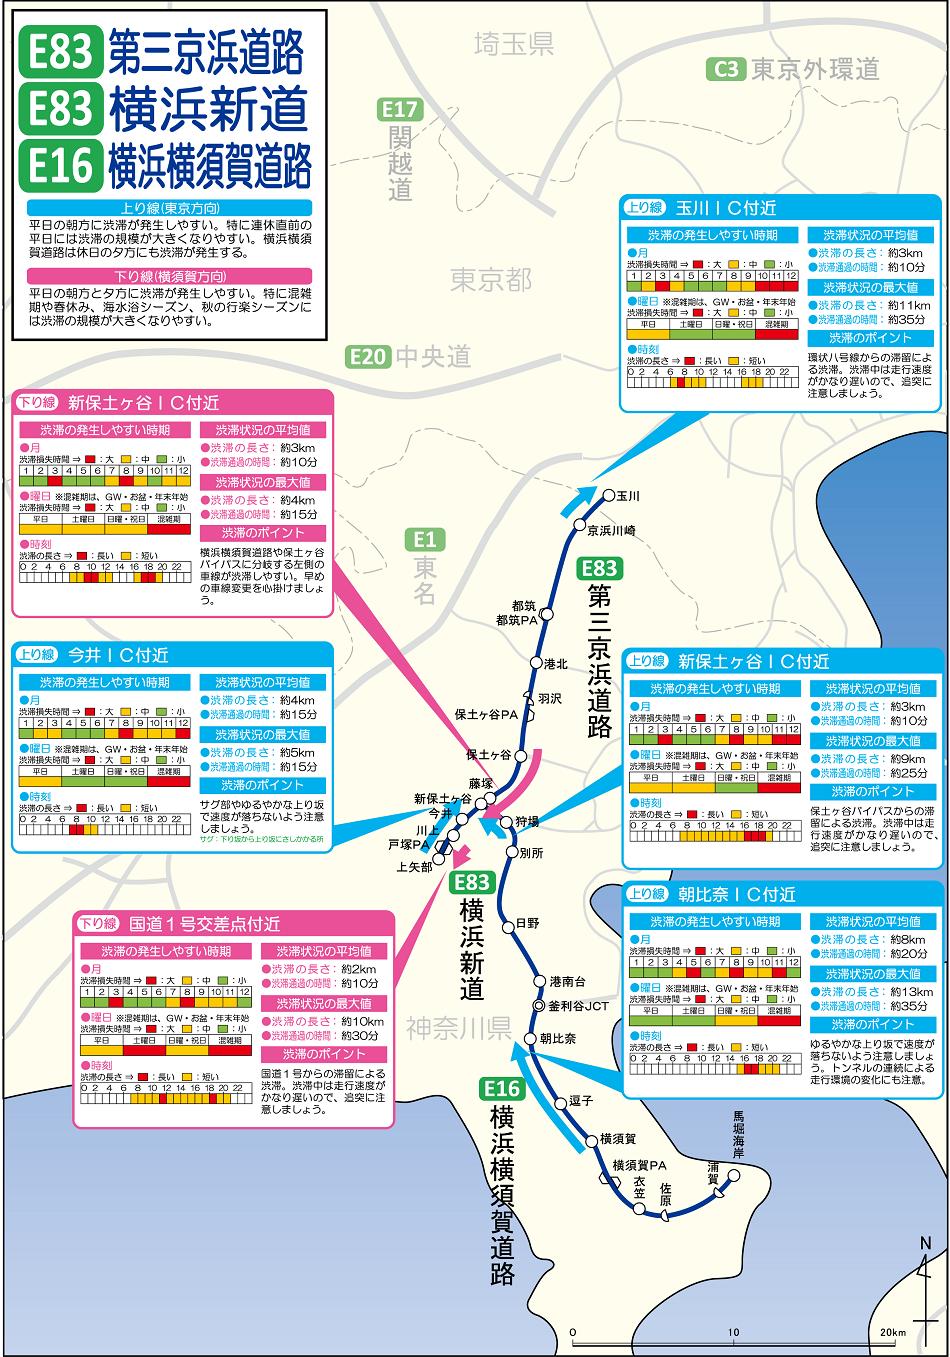 E83 第三京浜道路・横浜新道・E16 横浜横須賀道路の渋滞ポイントマップ ...